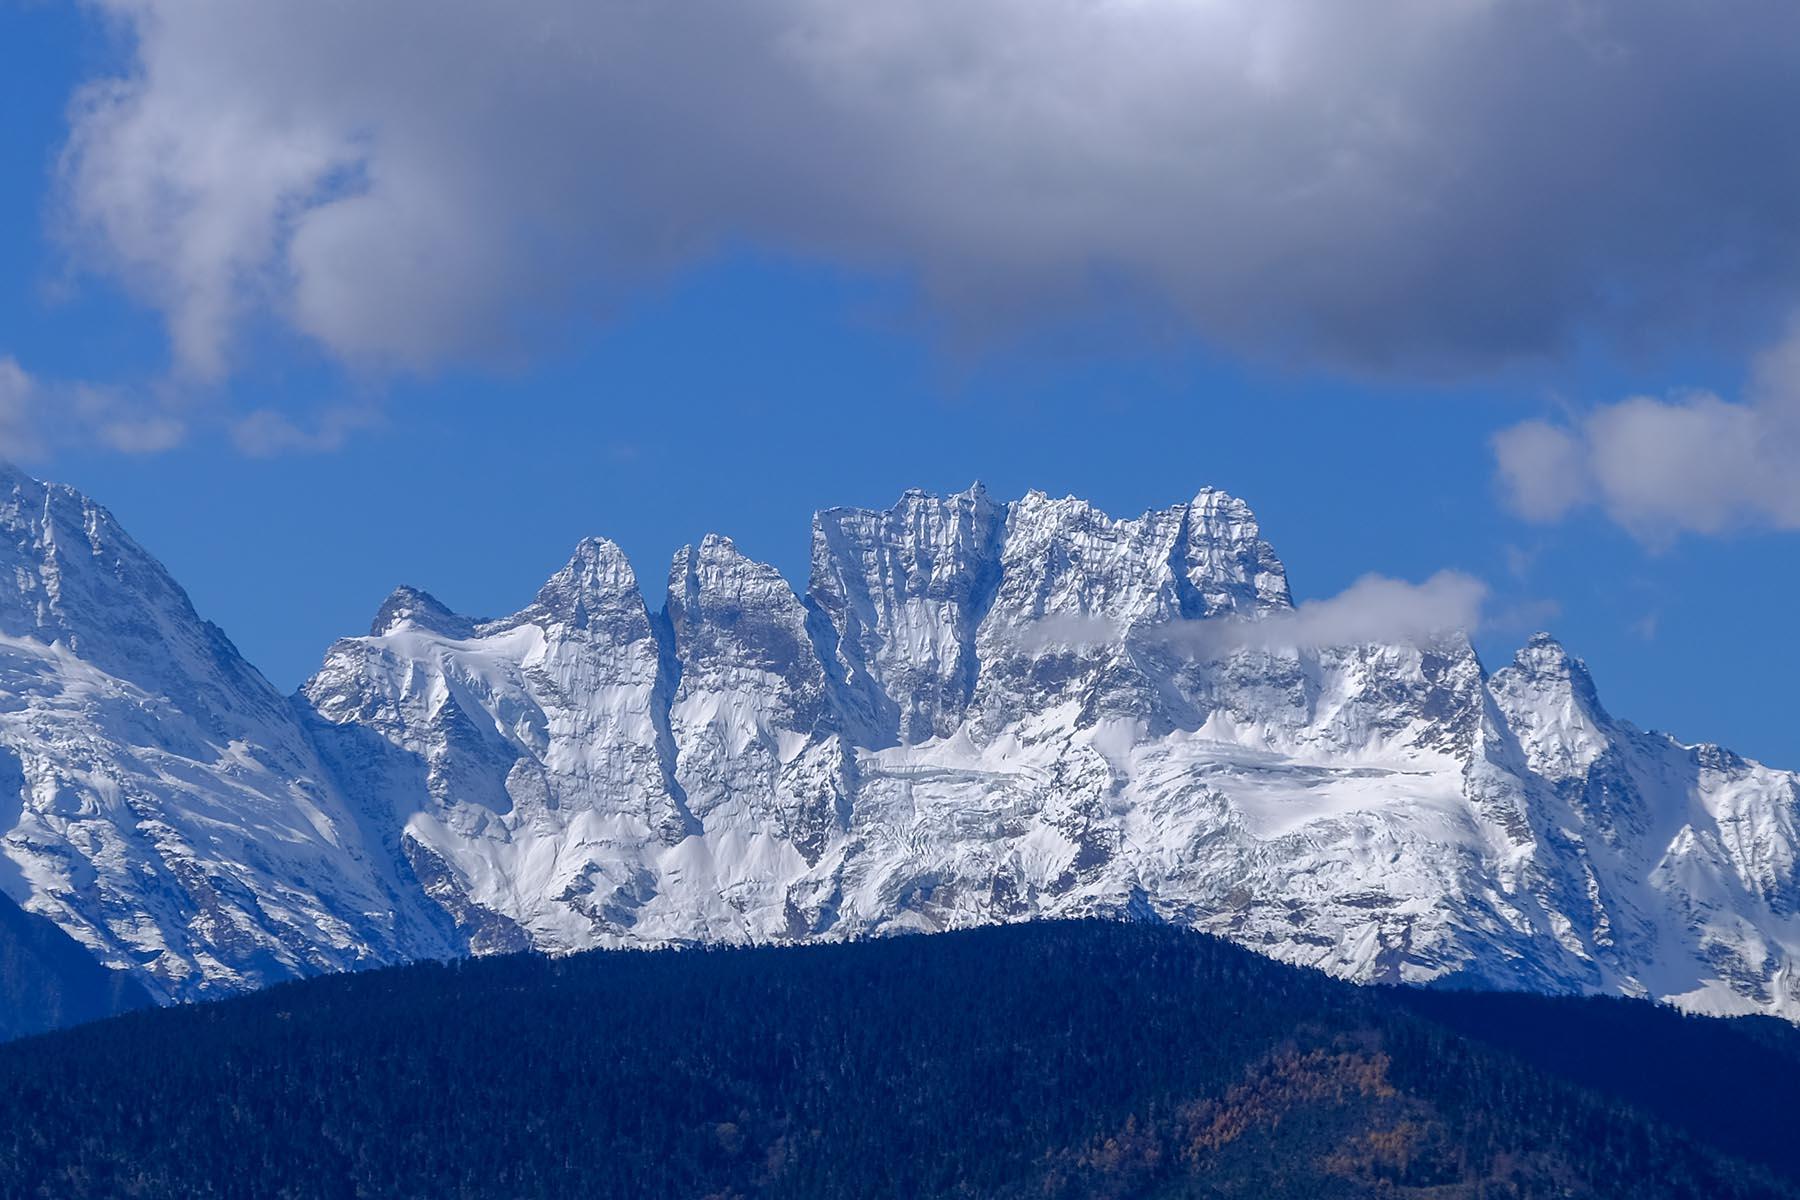 Meili Snow Mountain Gebirge Gipfel in Yunnan, China mit Schnee